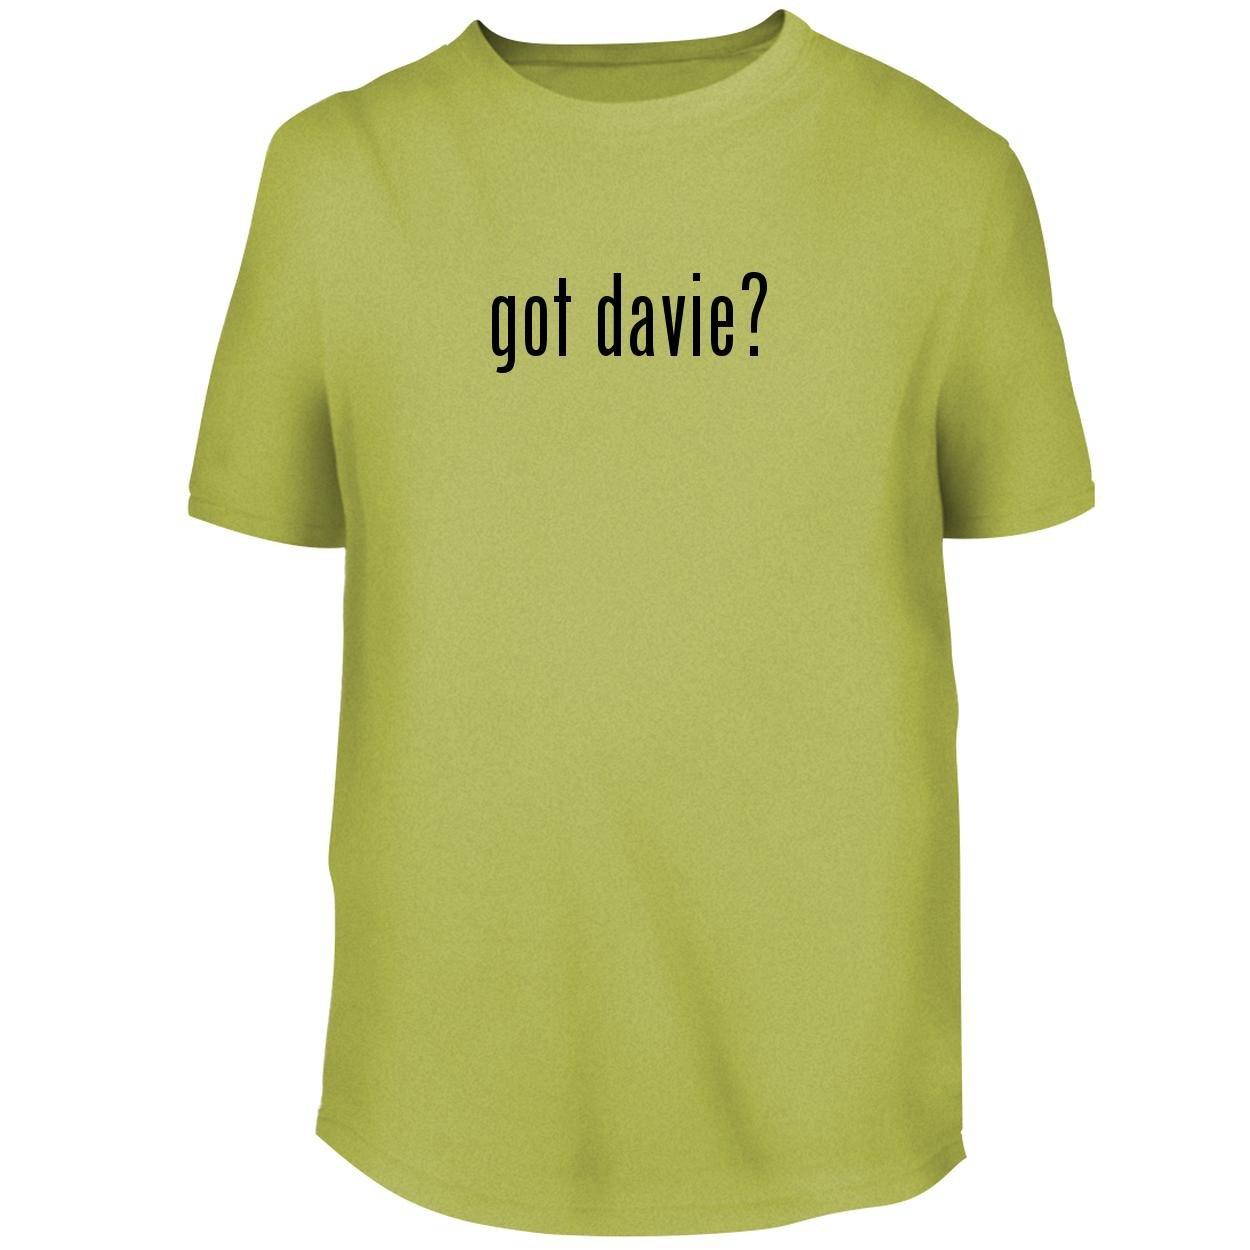 Got Davie Graphic Tee 5708 Shirts